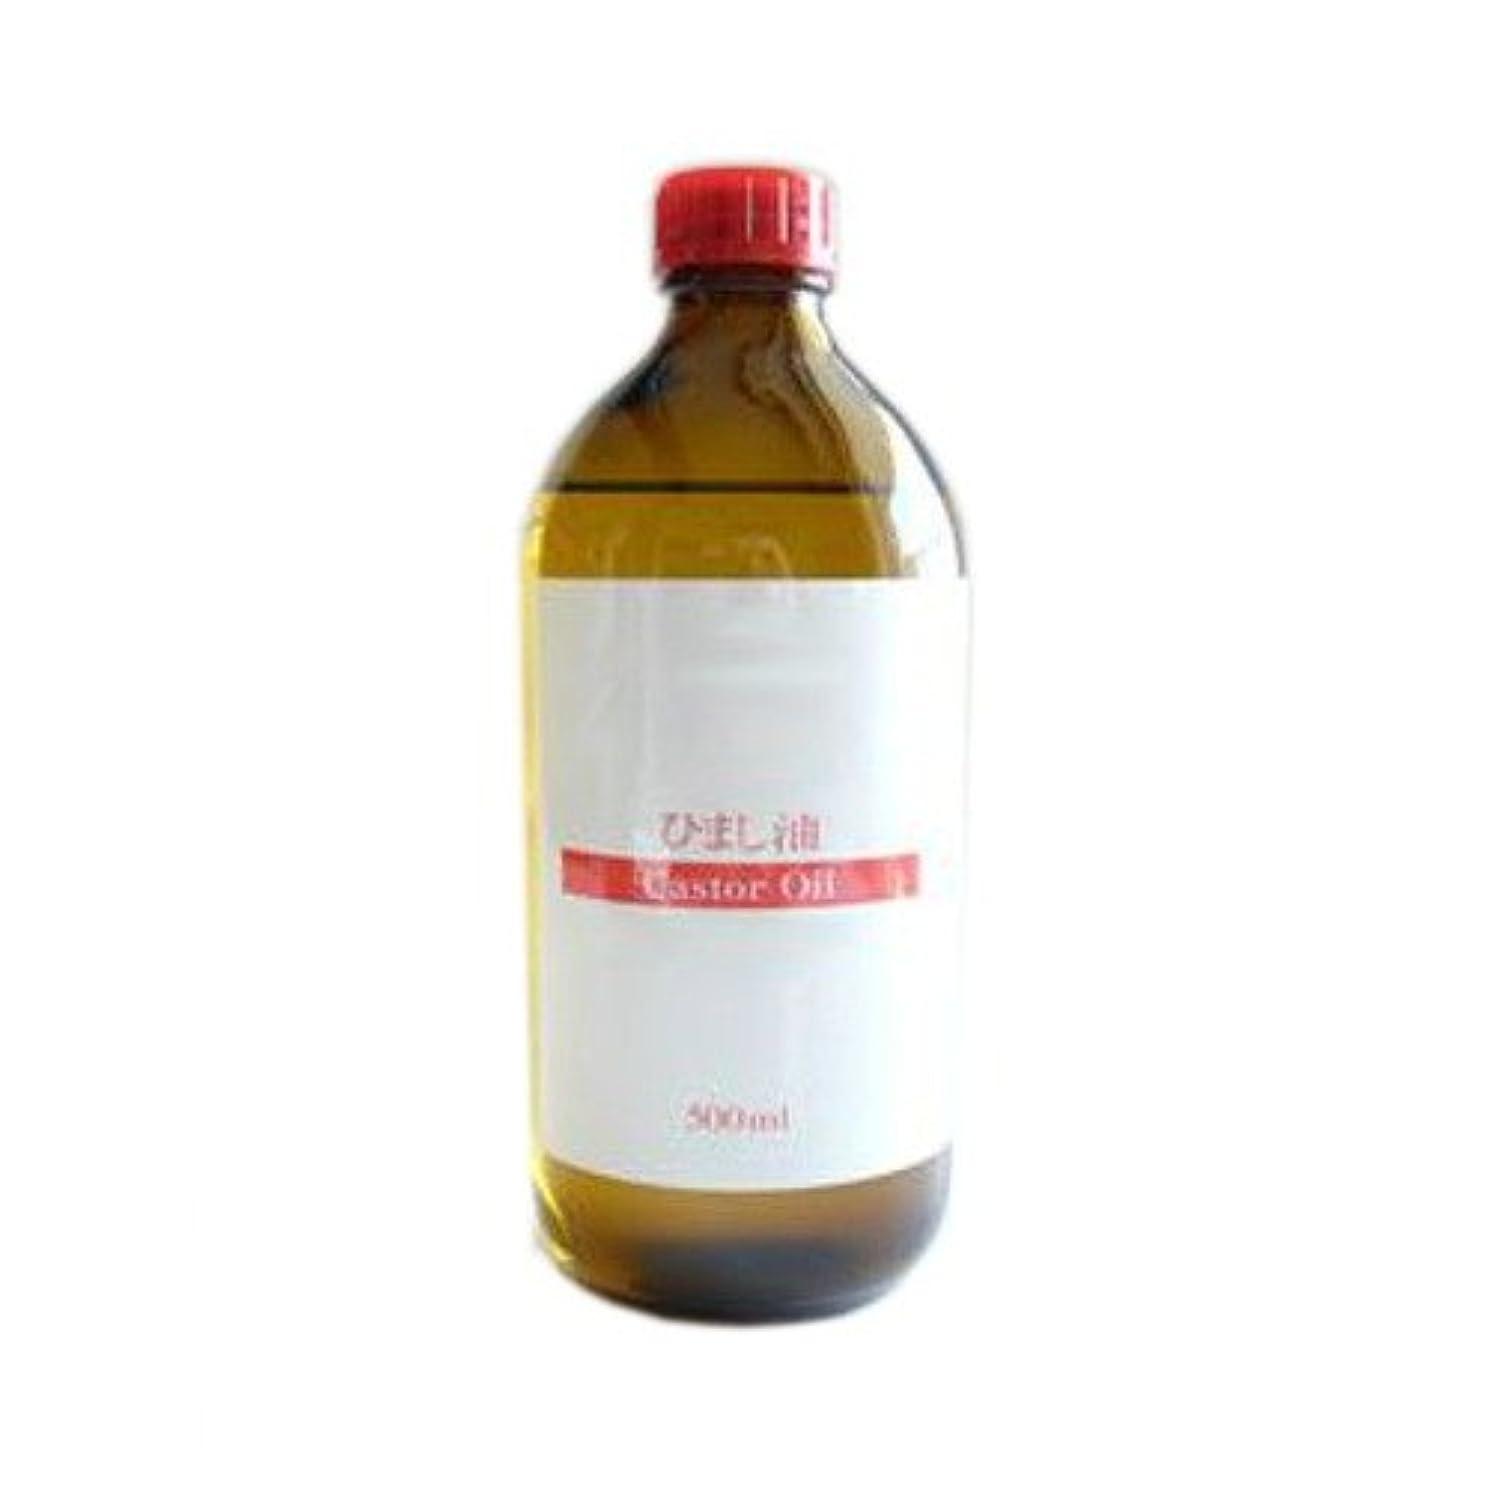 失礼な準備思想ひまし油 (キャスターオイル) 500ml